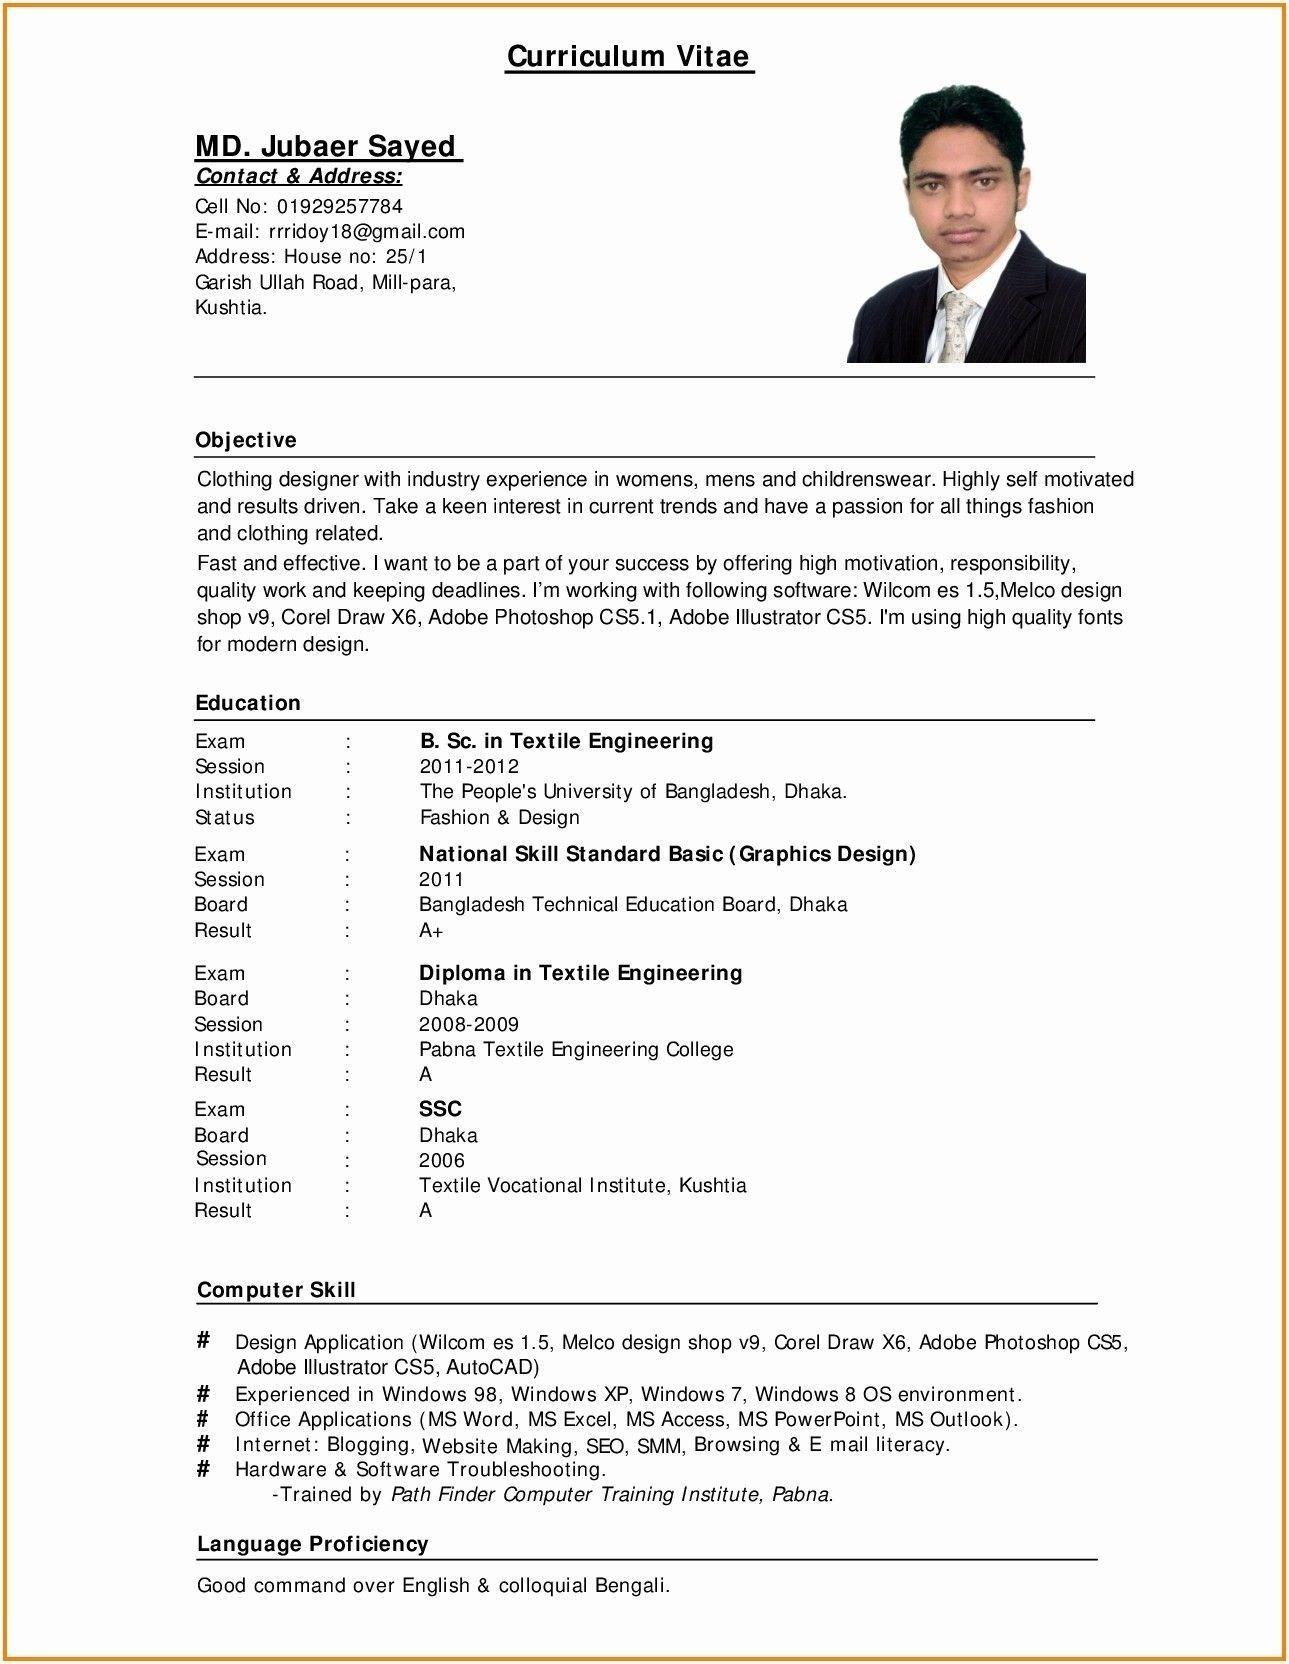 Imprimir Calendario 2019 Madrid Mejores Y Más Novedosos Curriculum Vitae Basico Word Para Descargar Of Imprimir Calendario 2019 Madrid Más Populares Crear De Boda Gratis Para Imprimir Para El Da De La Boda with Crear